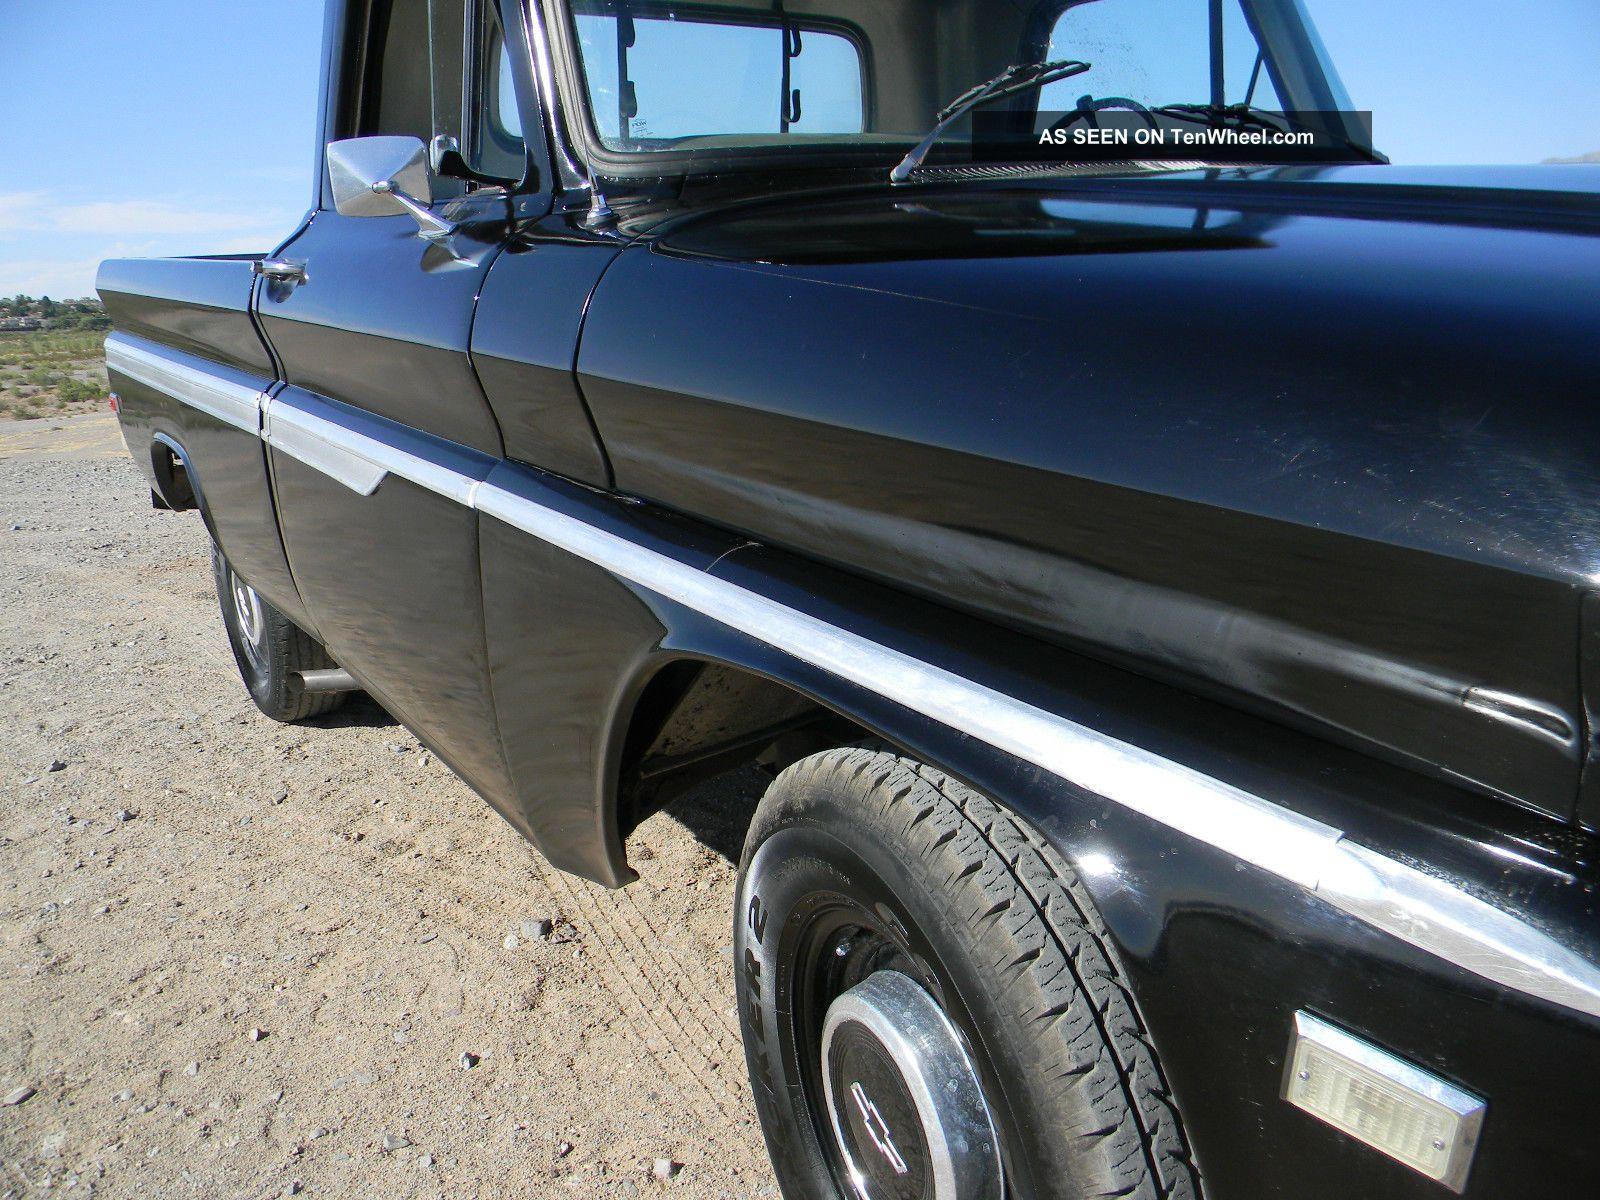 1966 Chevy C10 Truck Short Bed C14 V8 66 65 64 67 Hot Rod Rat Stepside Shortbed C 10